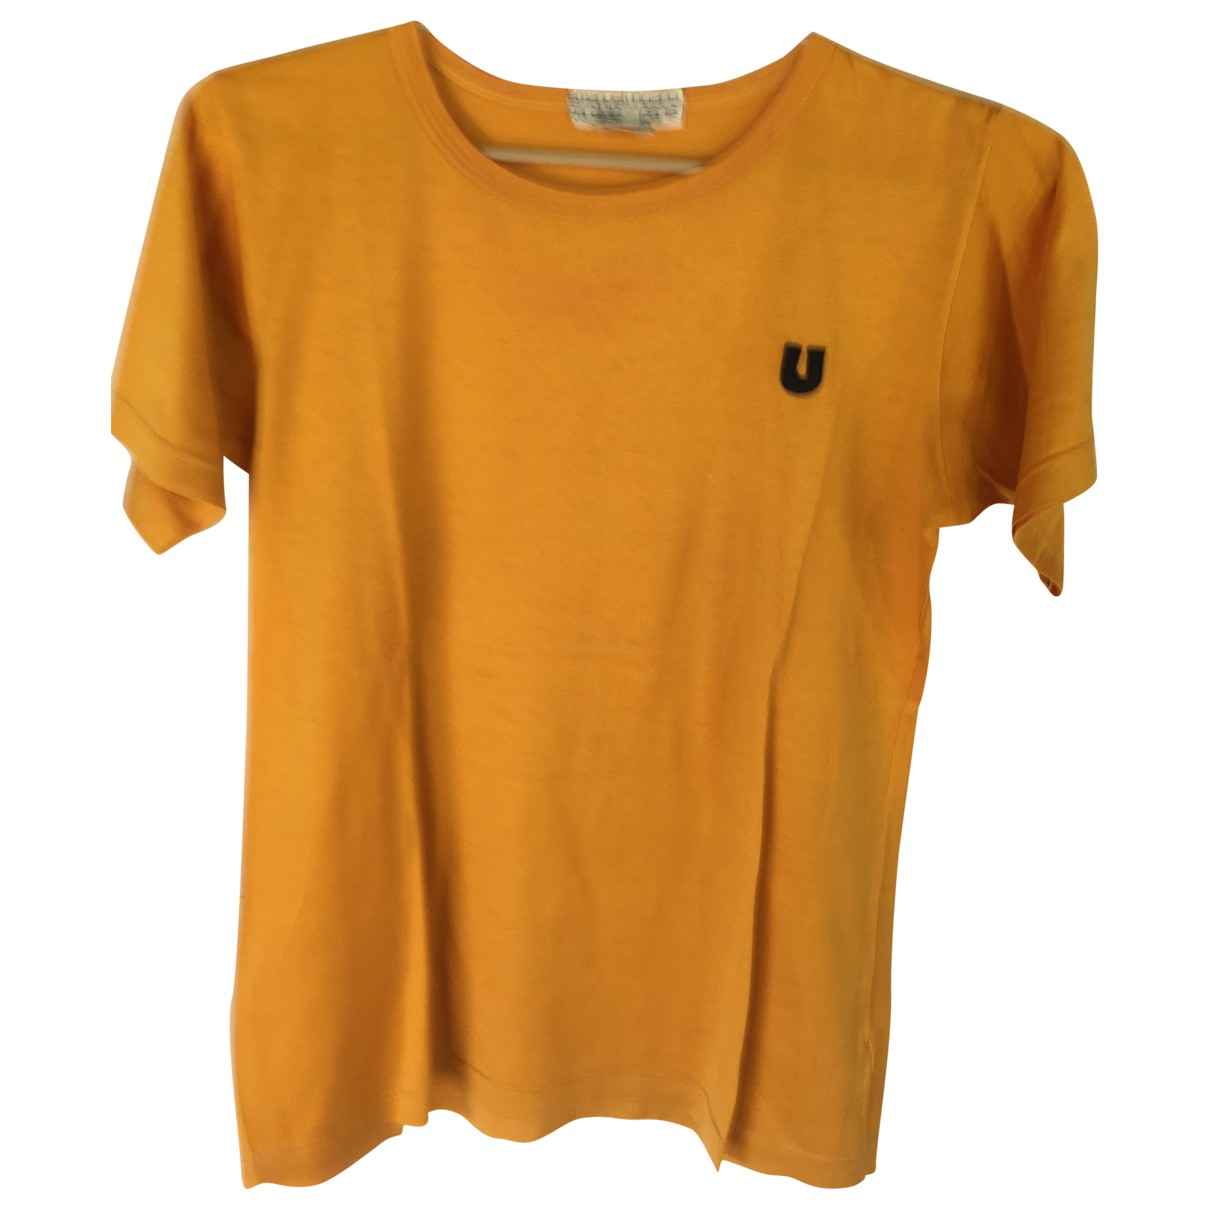 Emanuel Ungaro \N Yellow Cotton  top for Women 42 IT